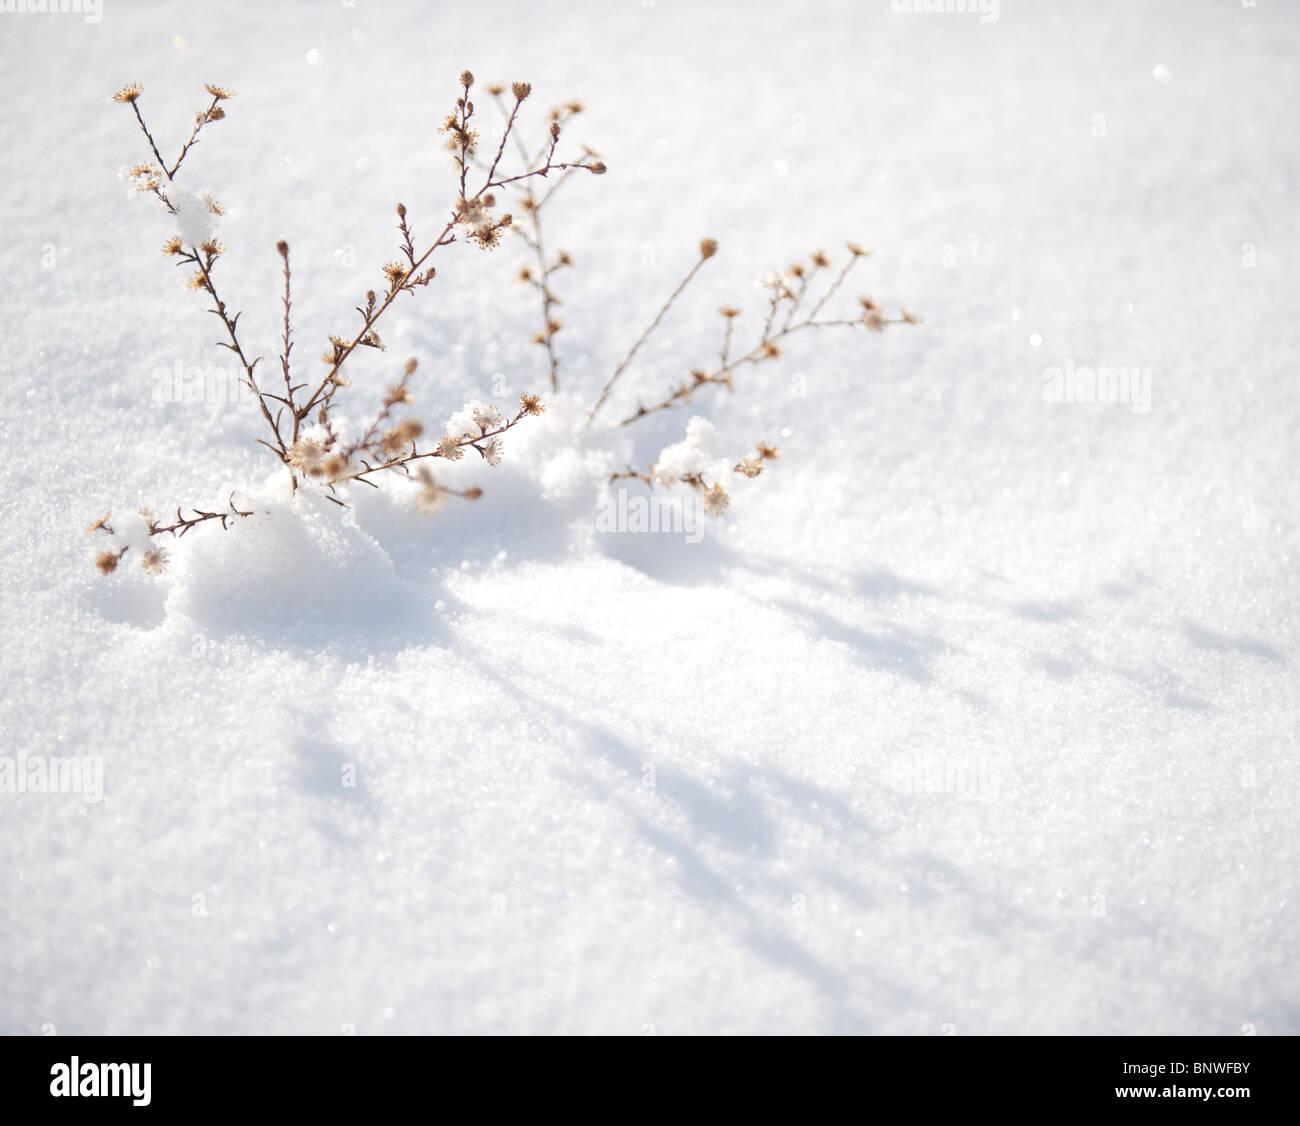 Macro of snow covered desert plants. Stock Photo